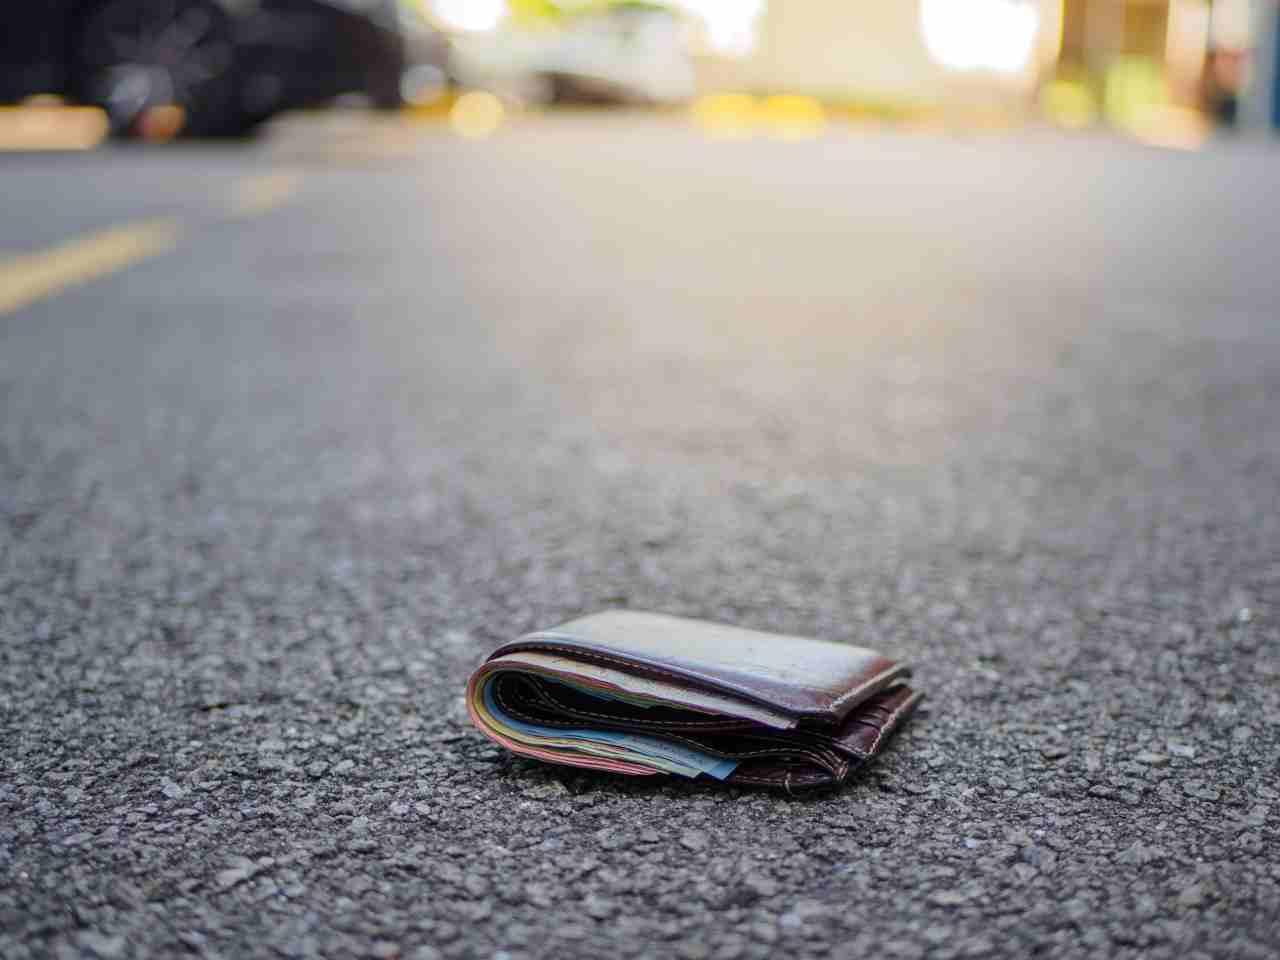 giovane perde portafoglio